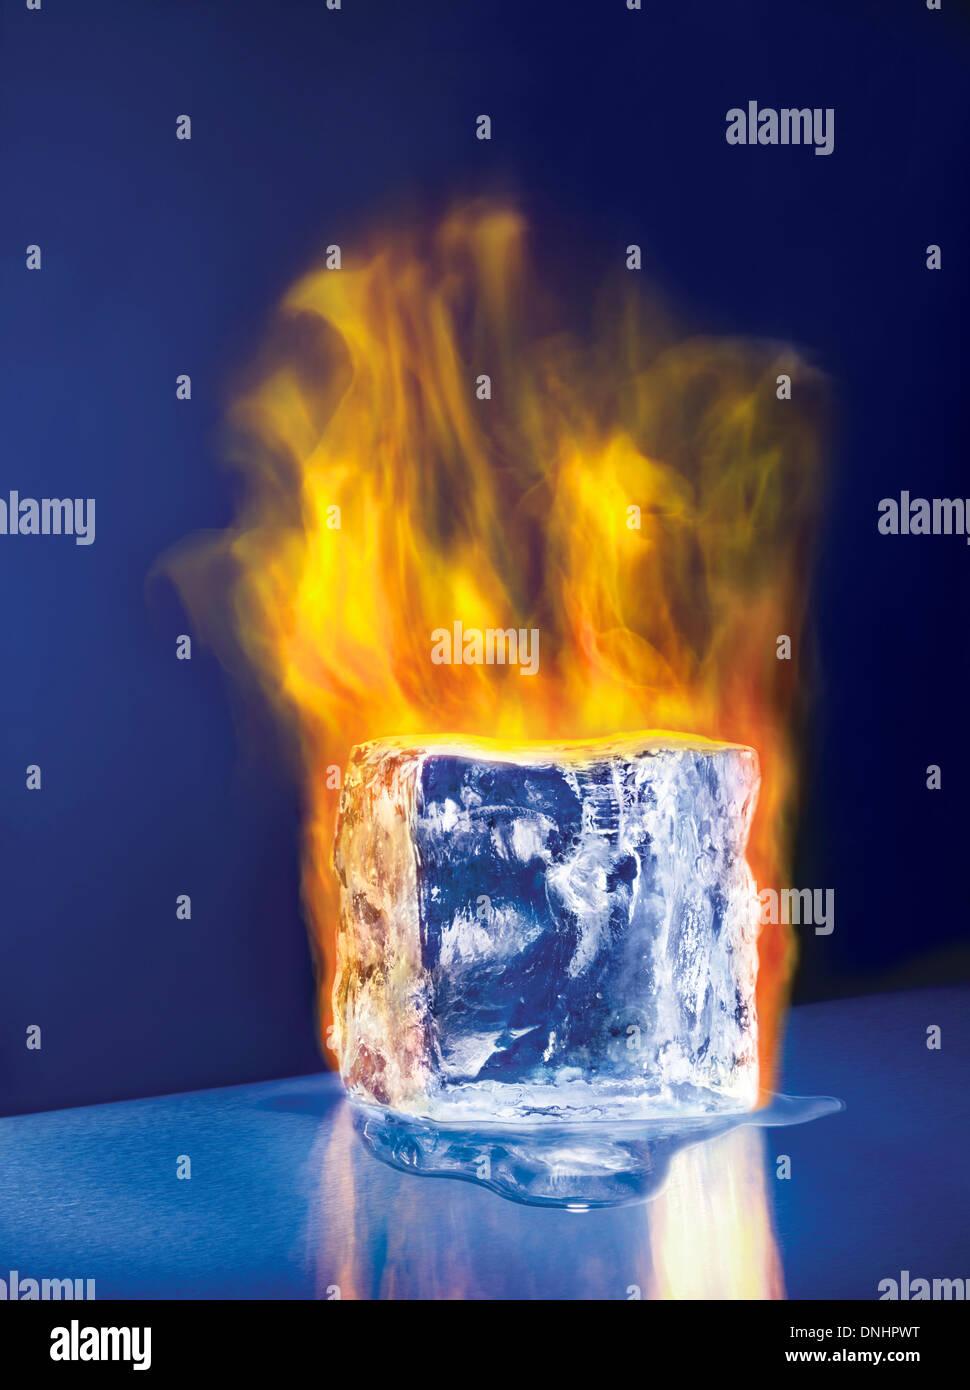 Ein großer schmelzenden Eis Block Würfel in Brand. Stockbild